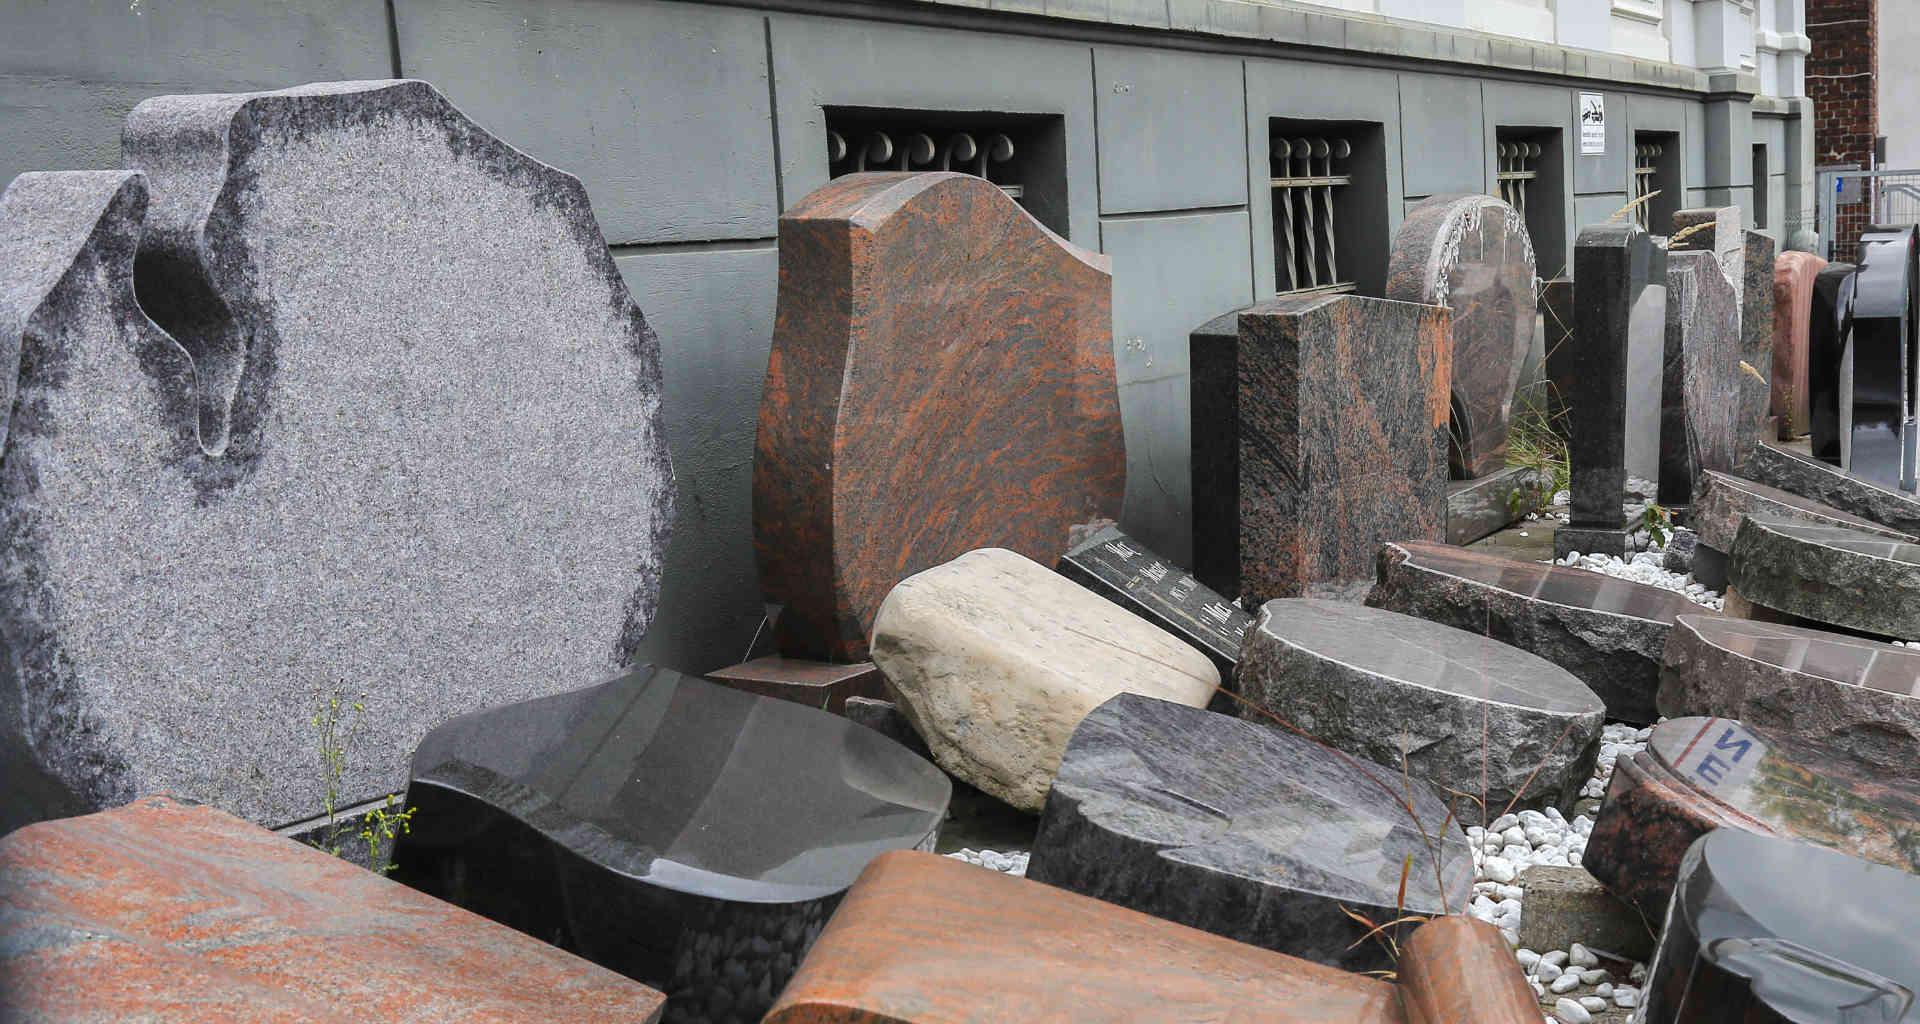 Iščete kamnoseka za nagrobni spomenik? Pomagali vam bomo najti pravega kamnoseka za nagrobni spomenik